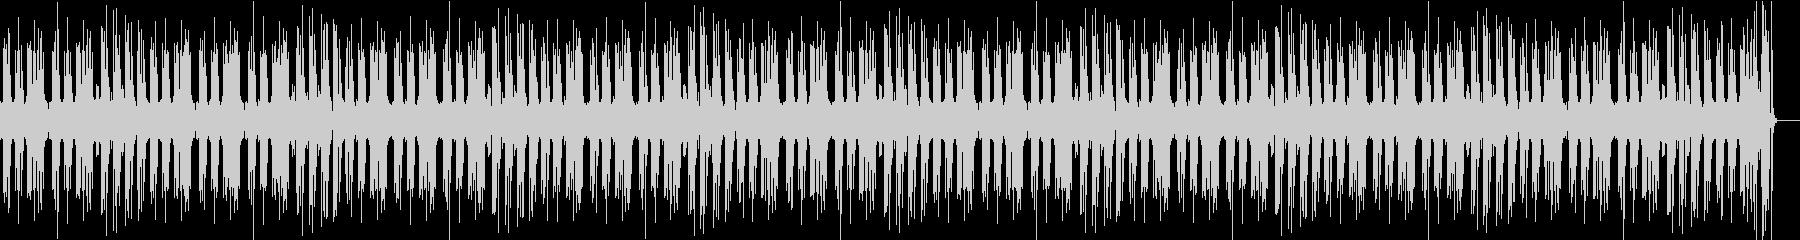 レトロな音色のピアノでガーシュインの名曲の未再生の波形